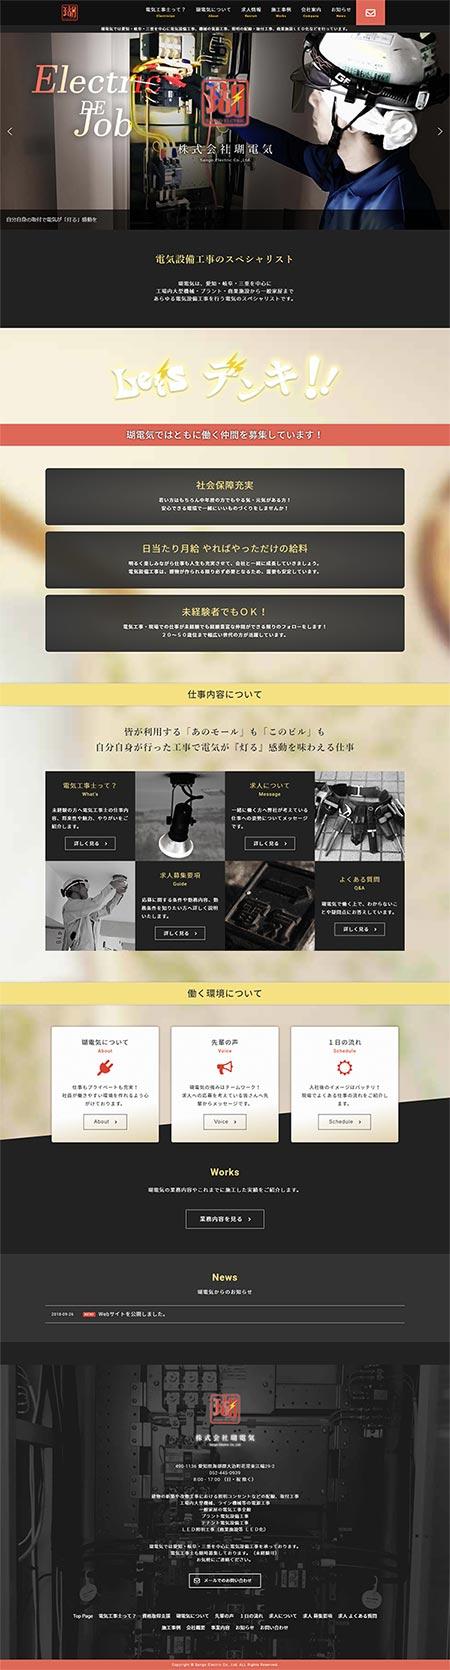 株式会社瑚電気ホームページ